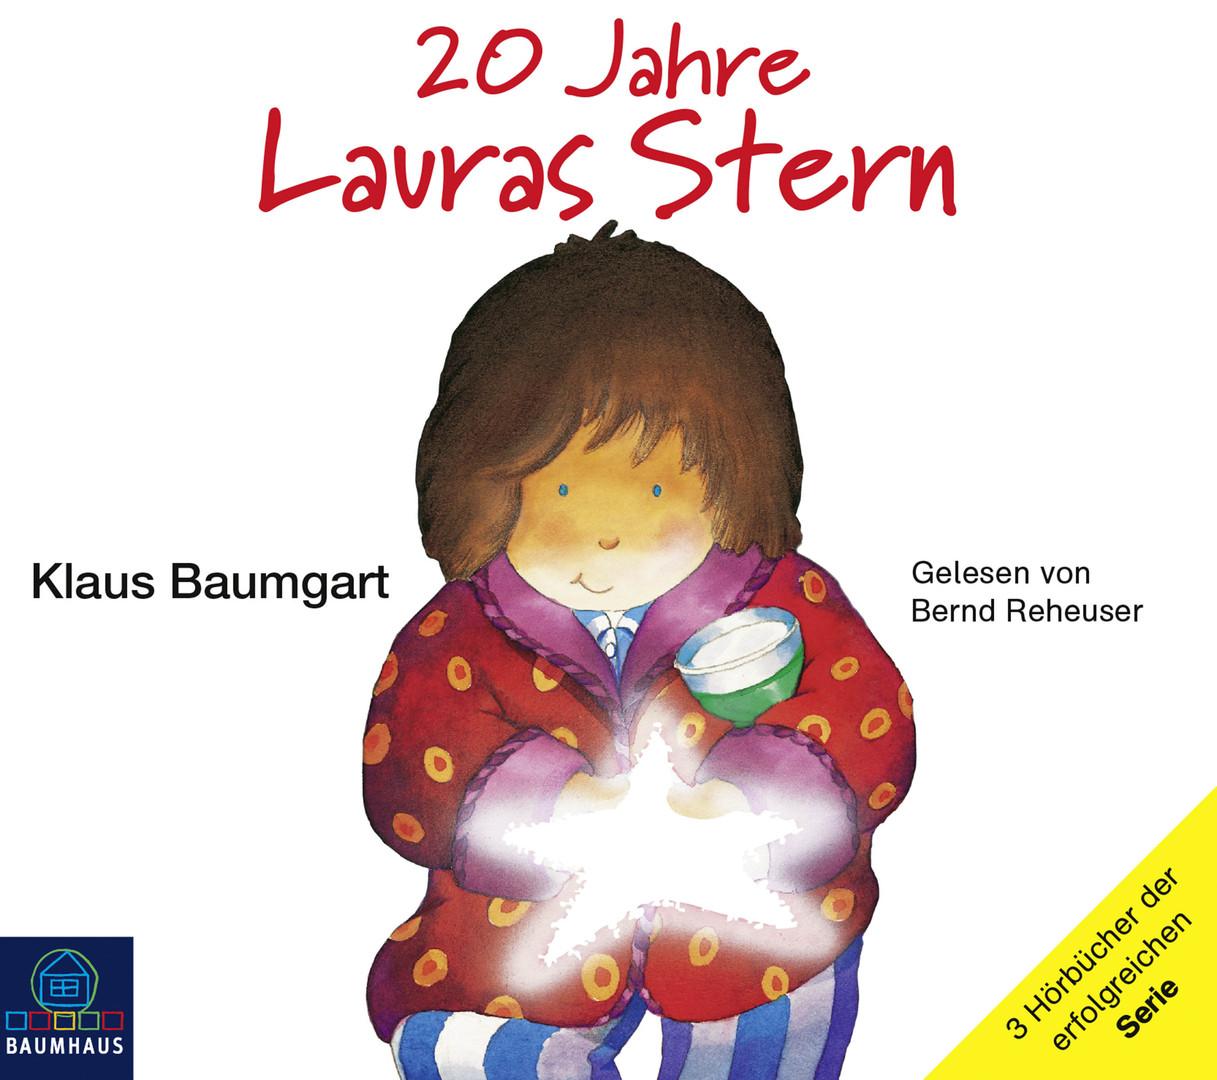 Jubiläumsbox 20 Jahre Lauras Stern